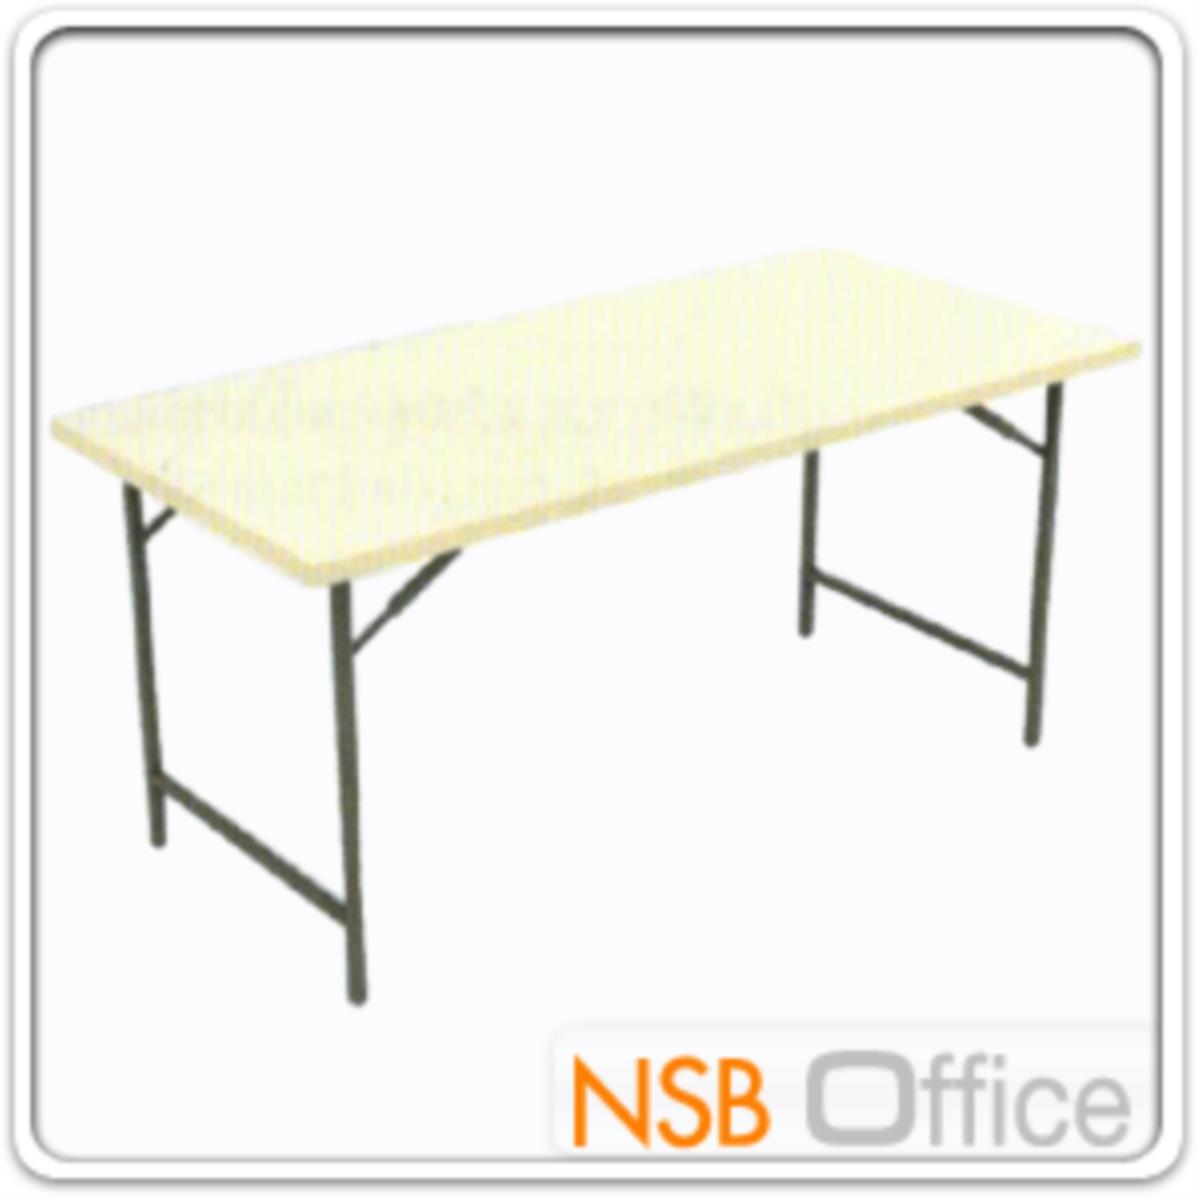 โต๊ะพับหน้าเหล็ก 0.8 มม. รุ่น Hadley ขนาด 153W ,183W cm. โครงขาพ่นสีฝุ่น